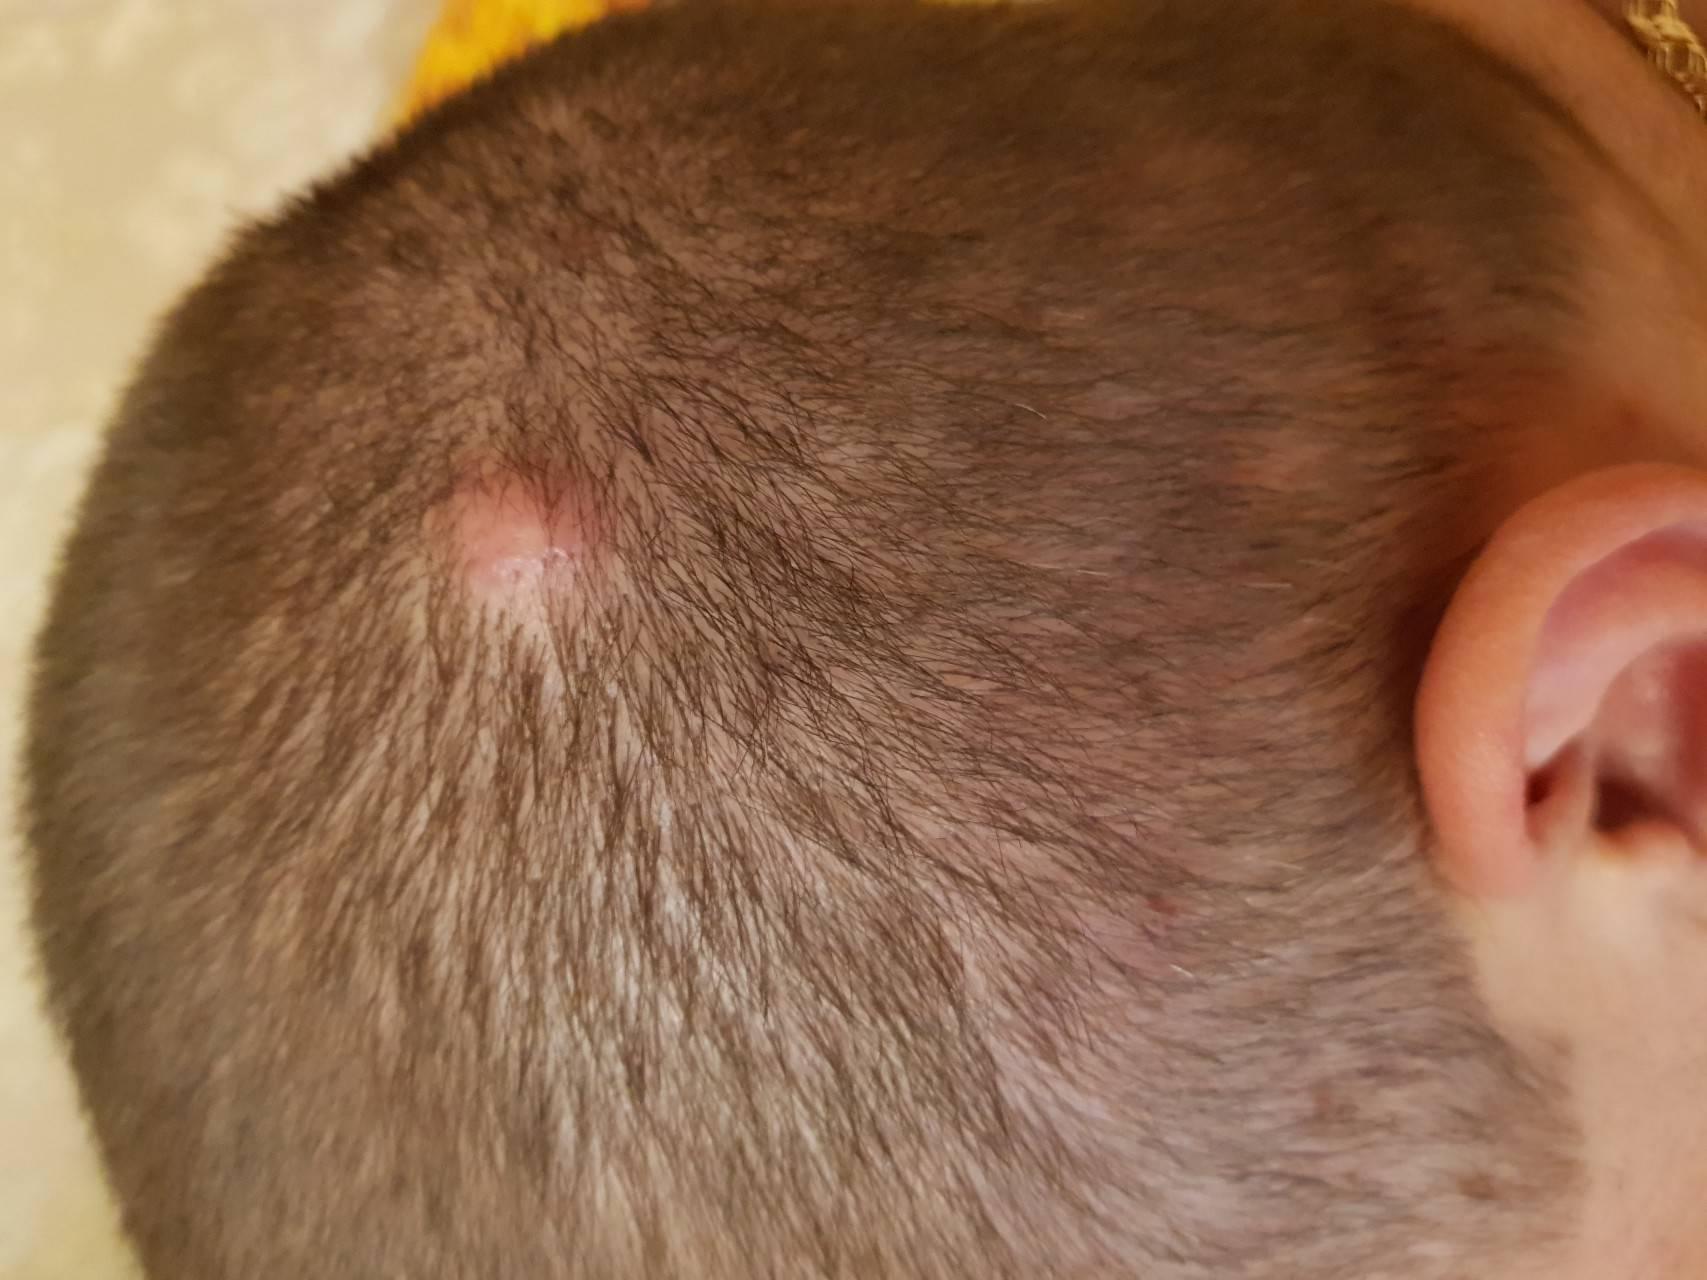 Чем лечить герпес на голове в волосах